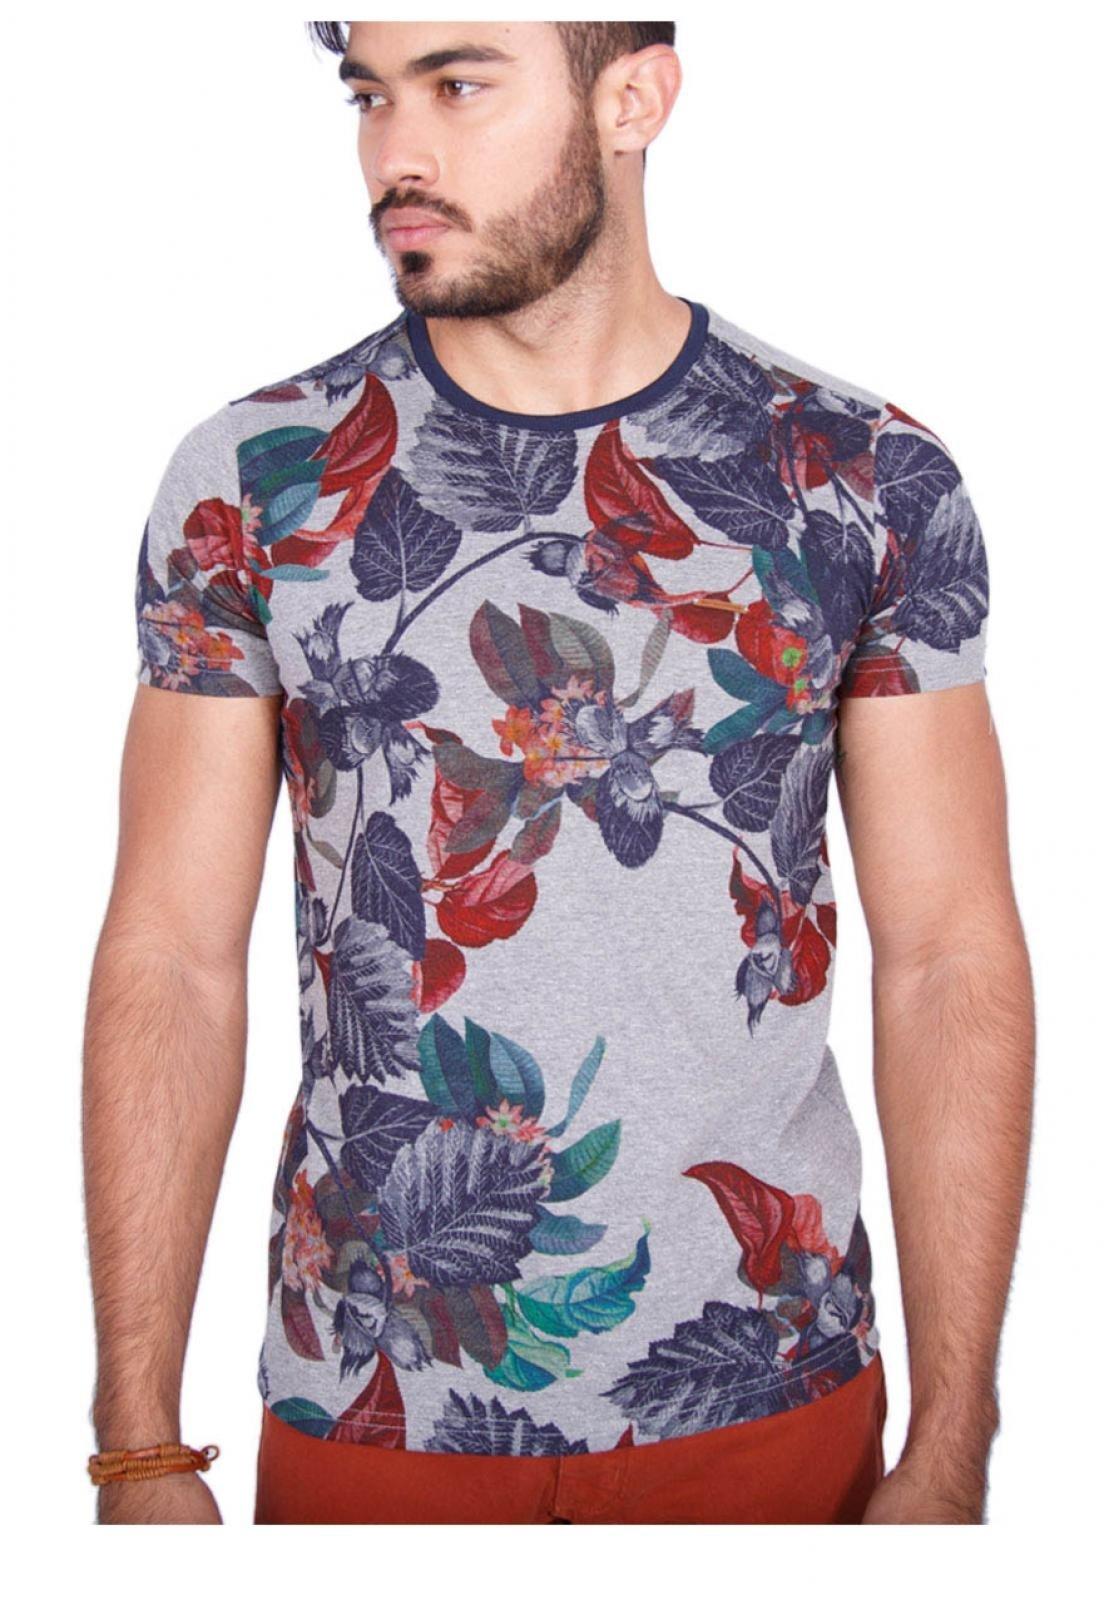 ... beeabf8509b Camiseta Rota do Mar Floresta Tropical Vermelho - Compre  Agora Kanui Brasil ... d2f06b7842